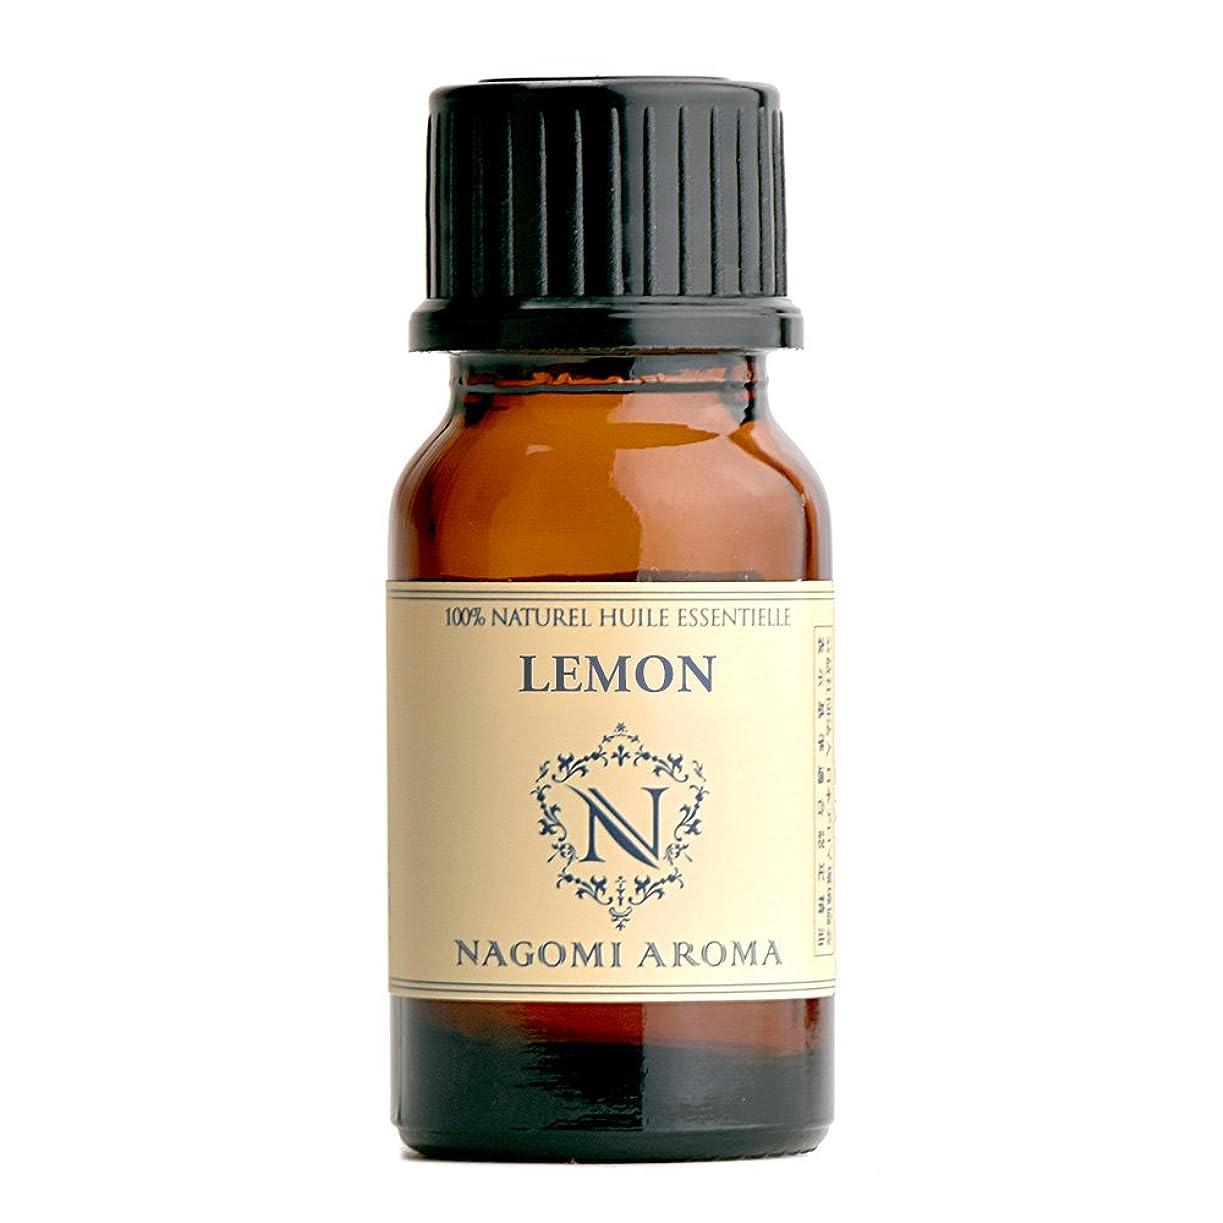 朝の体操をする教授等々NAGOMI AROMA レモン 10ml 【AEAJ認定精油】【アロマオイル】